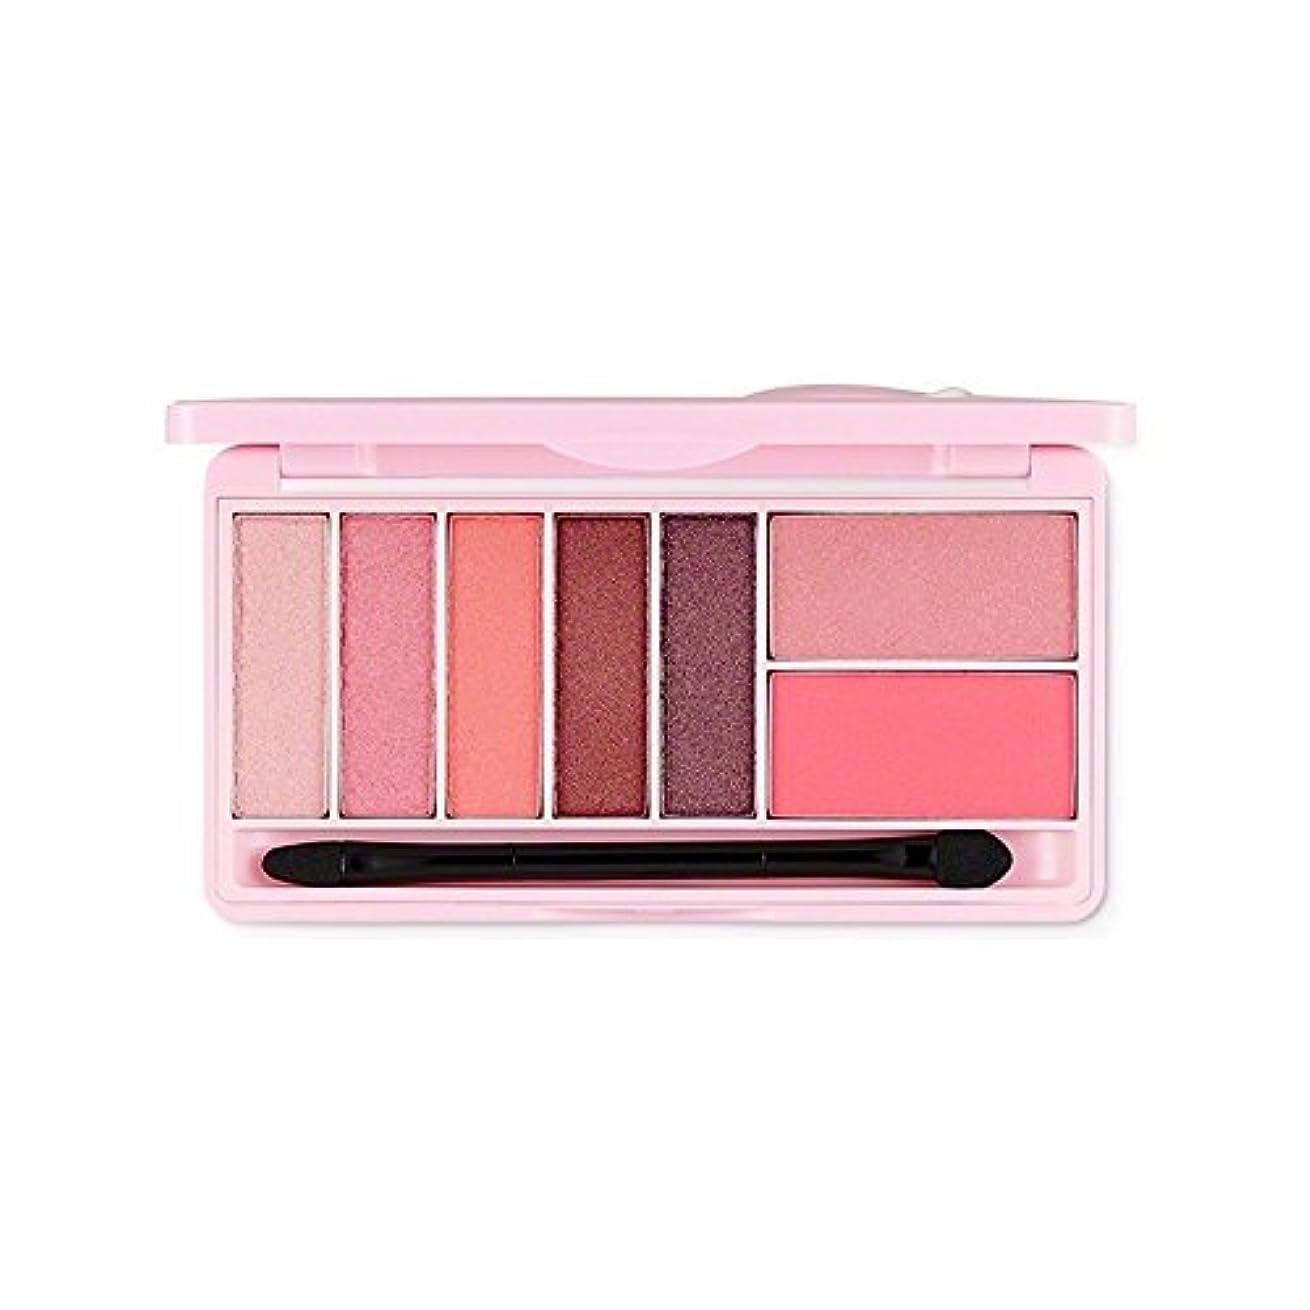 冷蔵庫不正解体するThe Face Shop スウィートアペックチャーモノポップアイズ Kakao FriendsThe Face Shop Sweet Apeach Mono Pop Eyes 9.5g/甘いアペサート (Pink Winking...